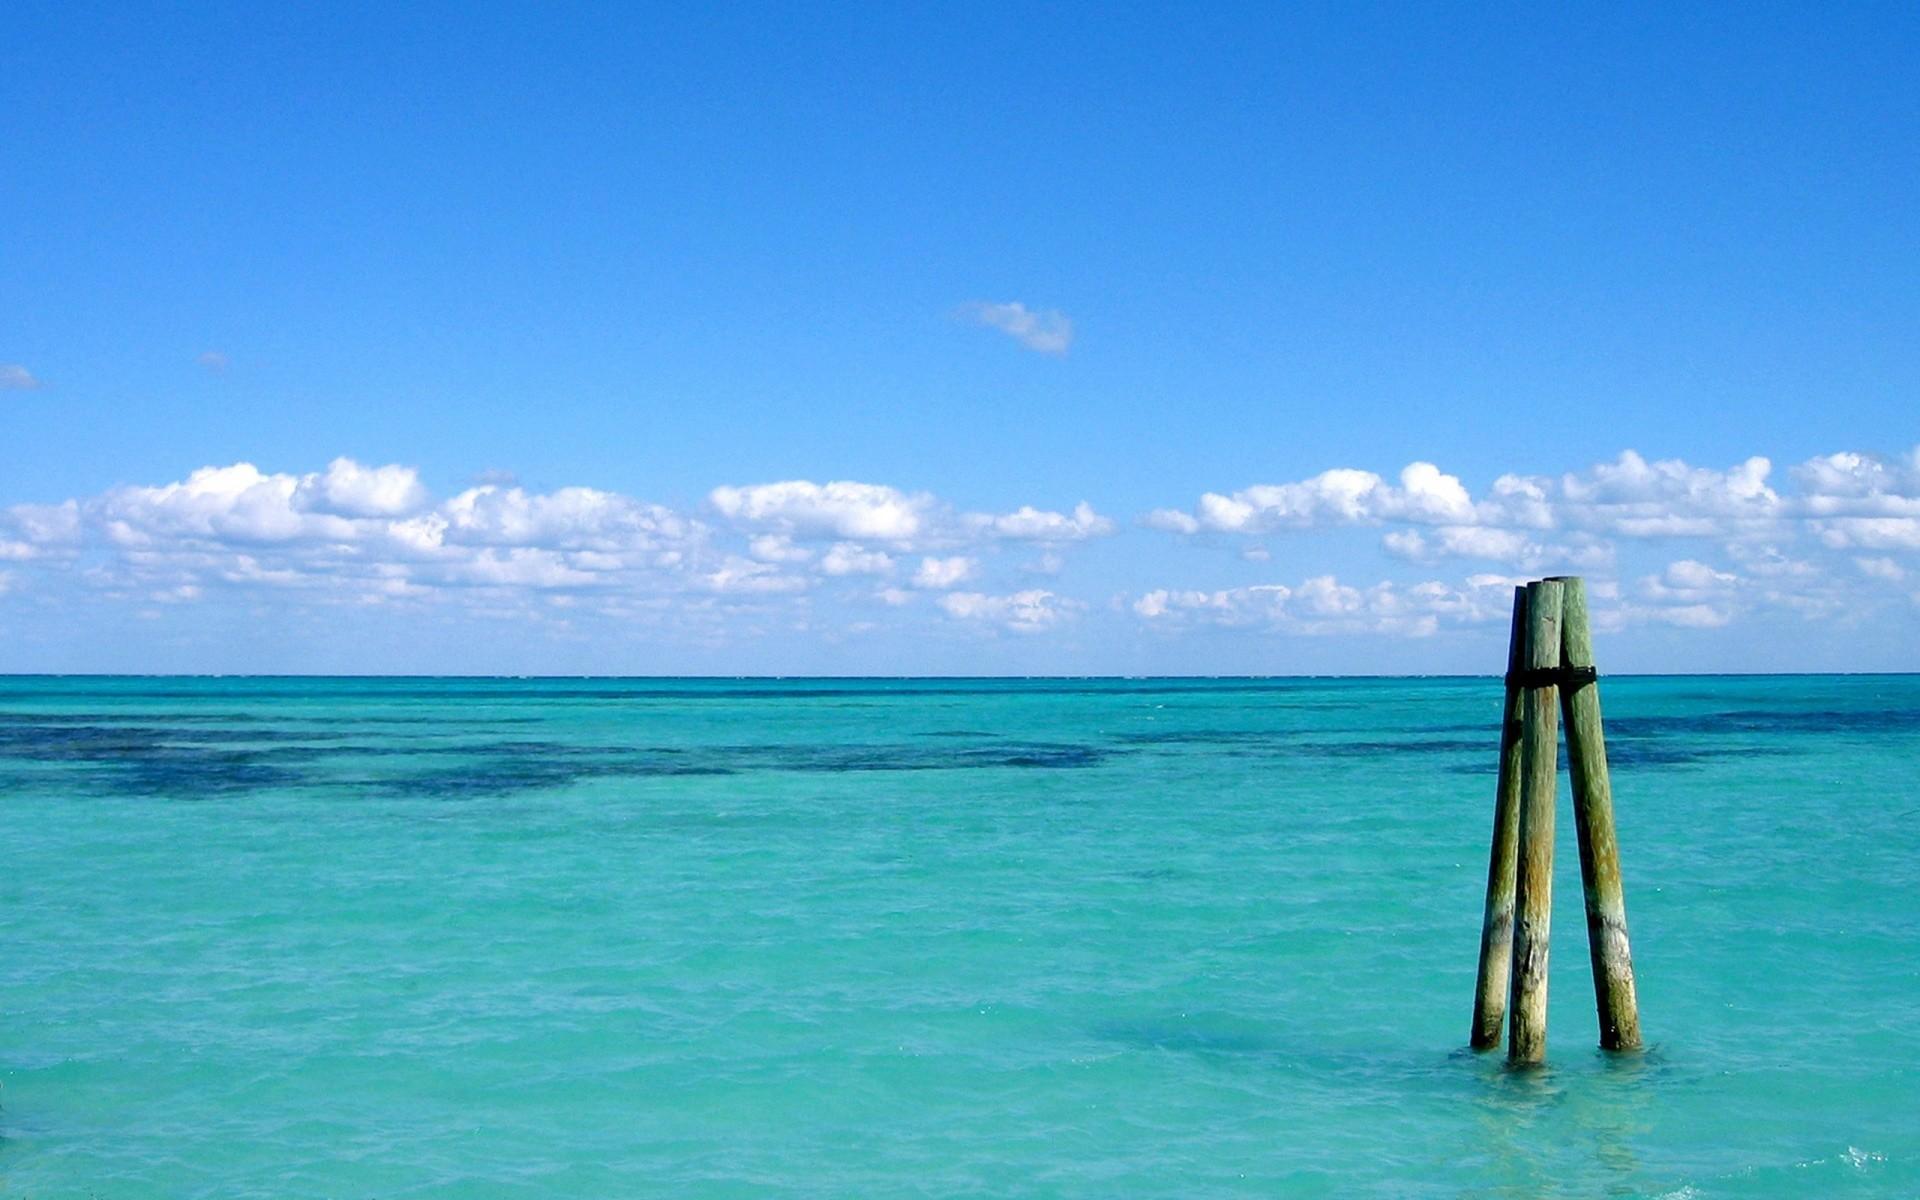 Beautiful Ocean View Wallpapers – 5216